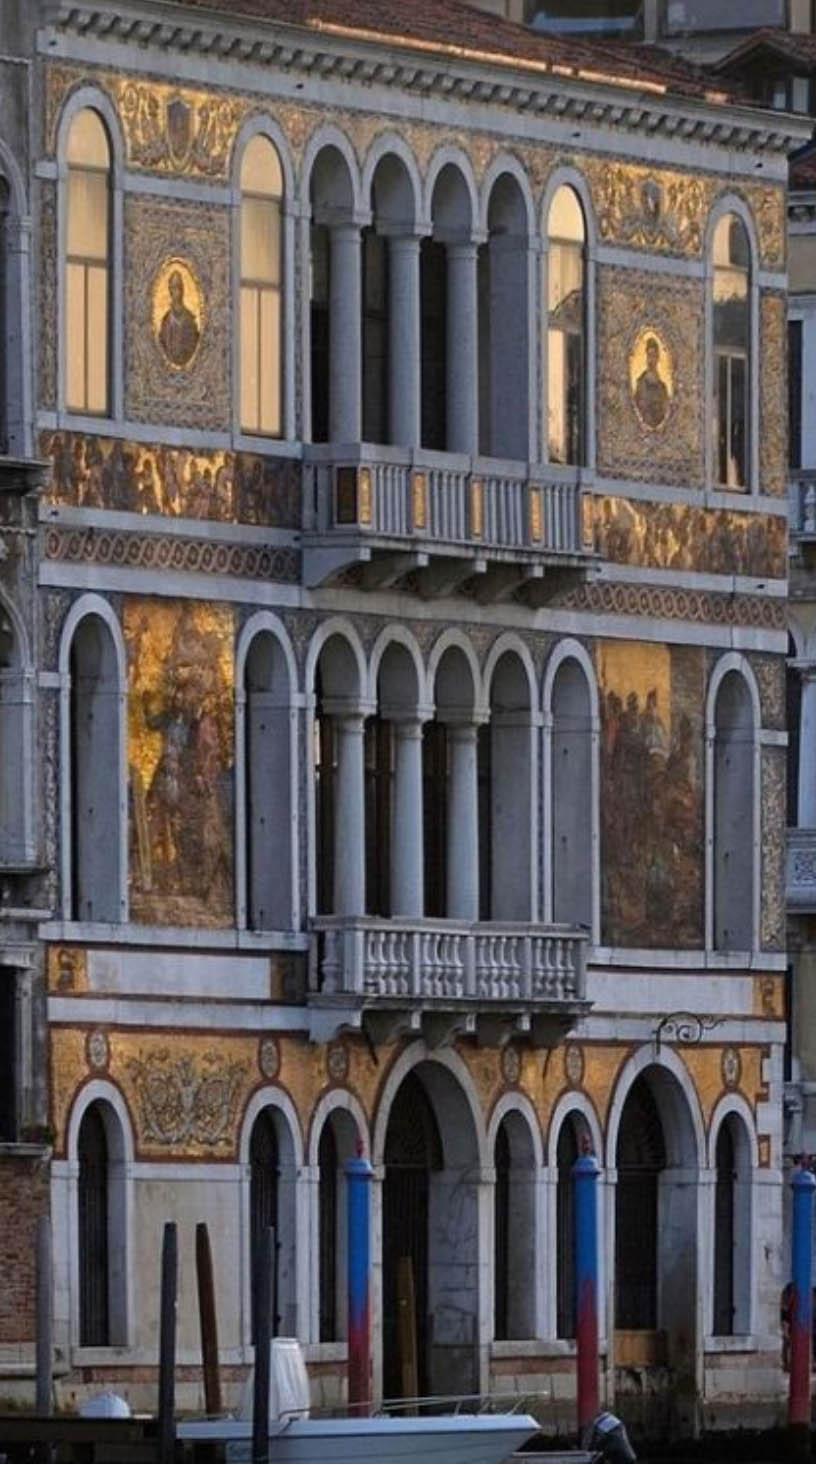 Venise de luxe - excursion - tours en voiture en Italie